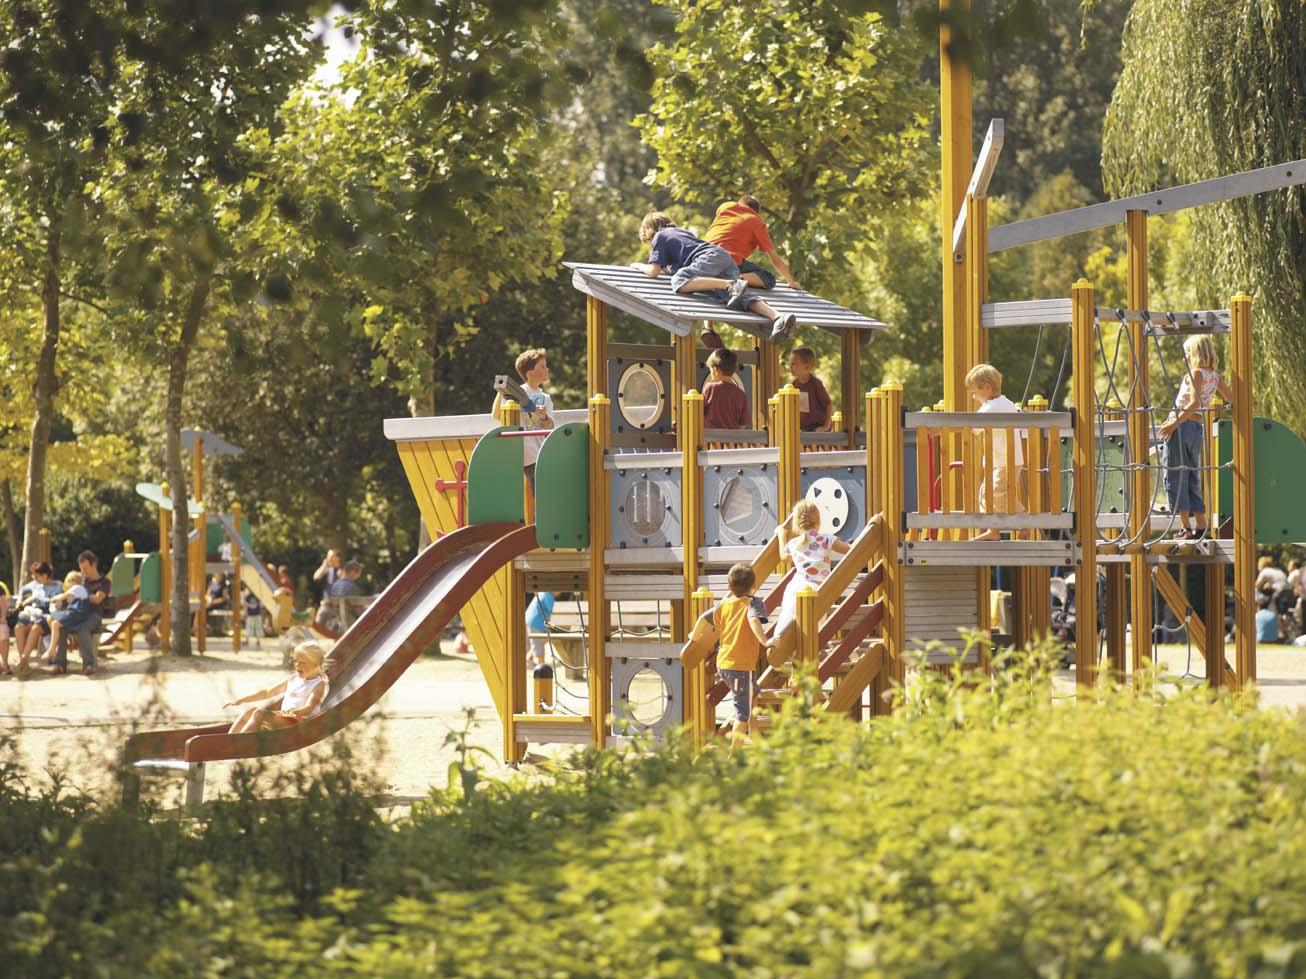 zomeractiviteiten voor kinderen speeltuin